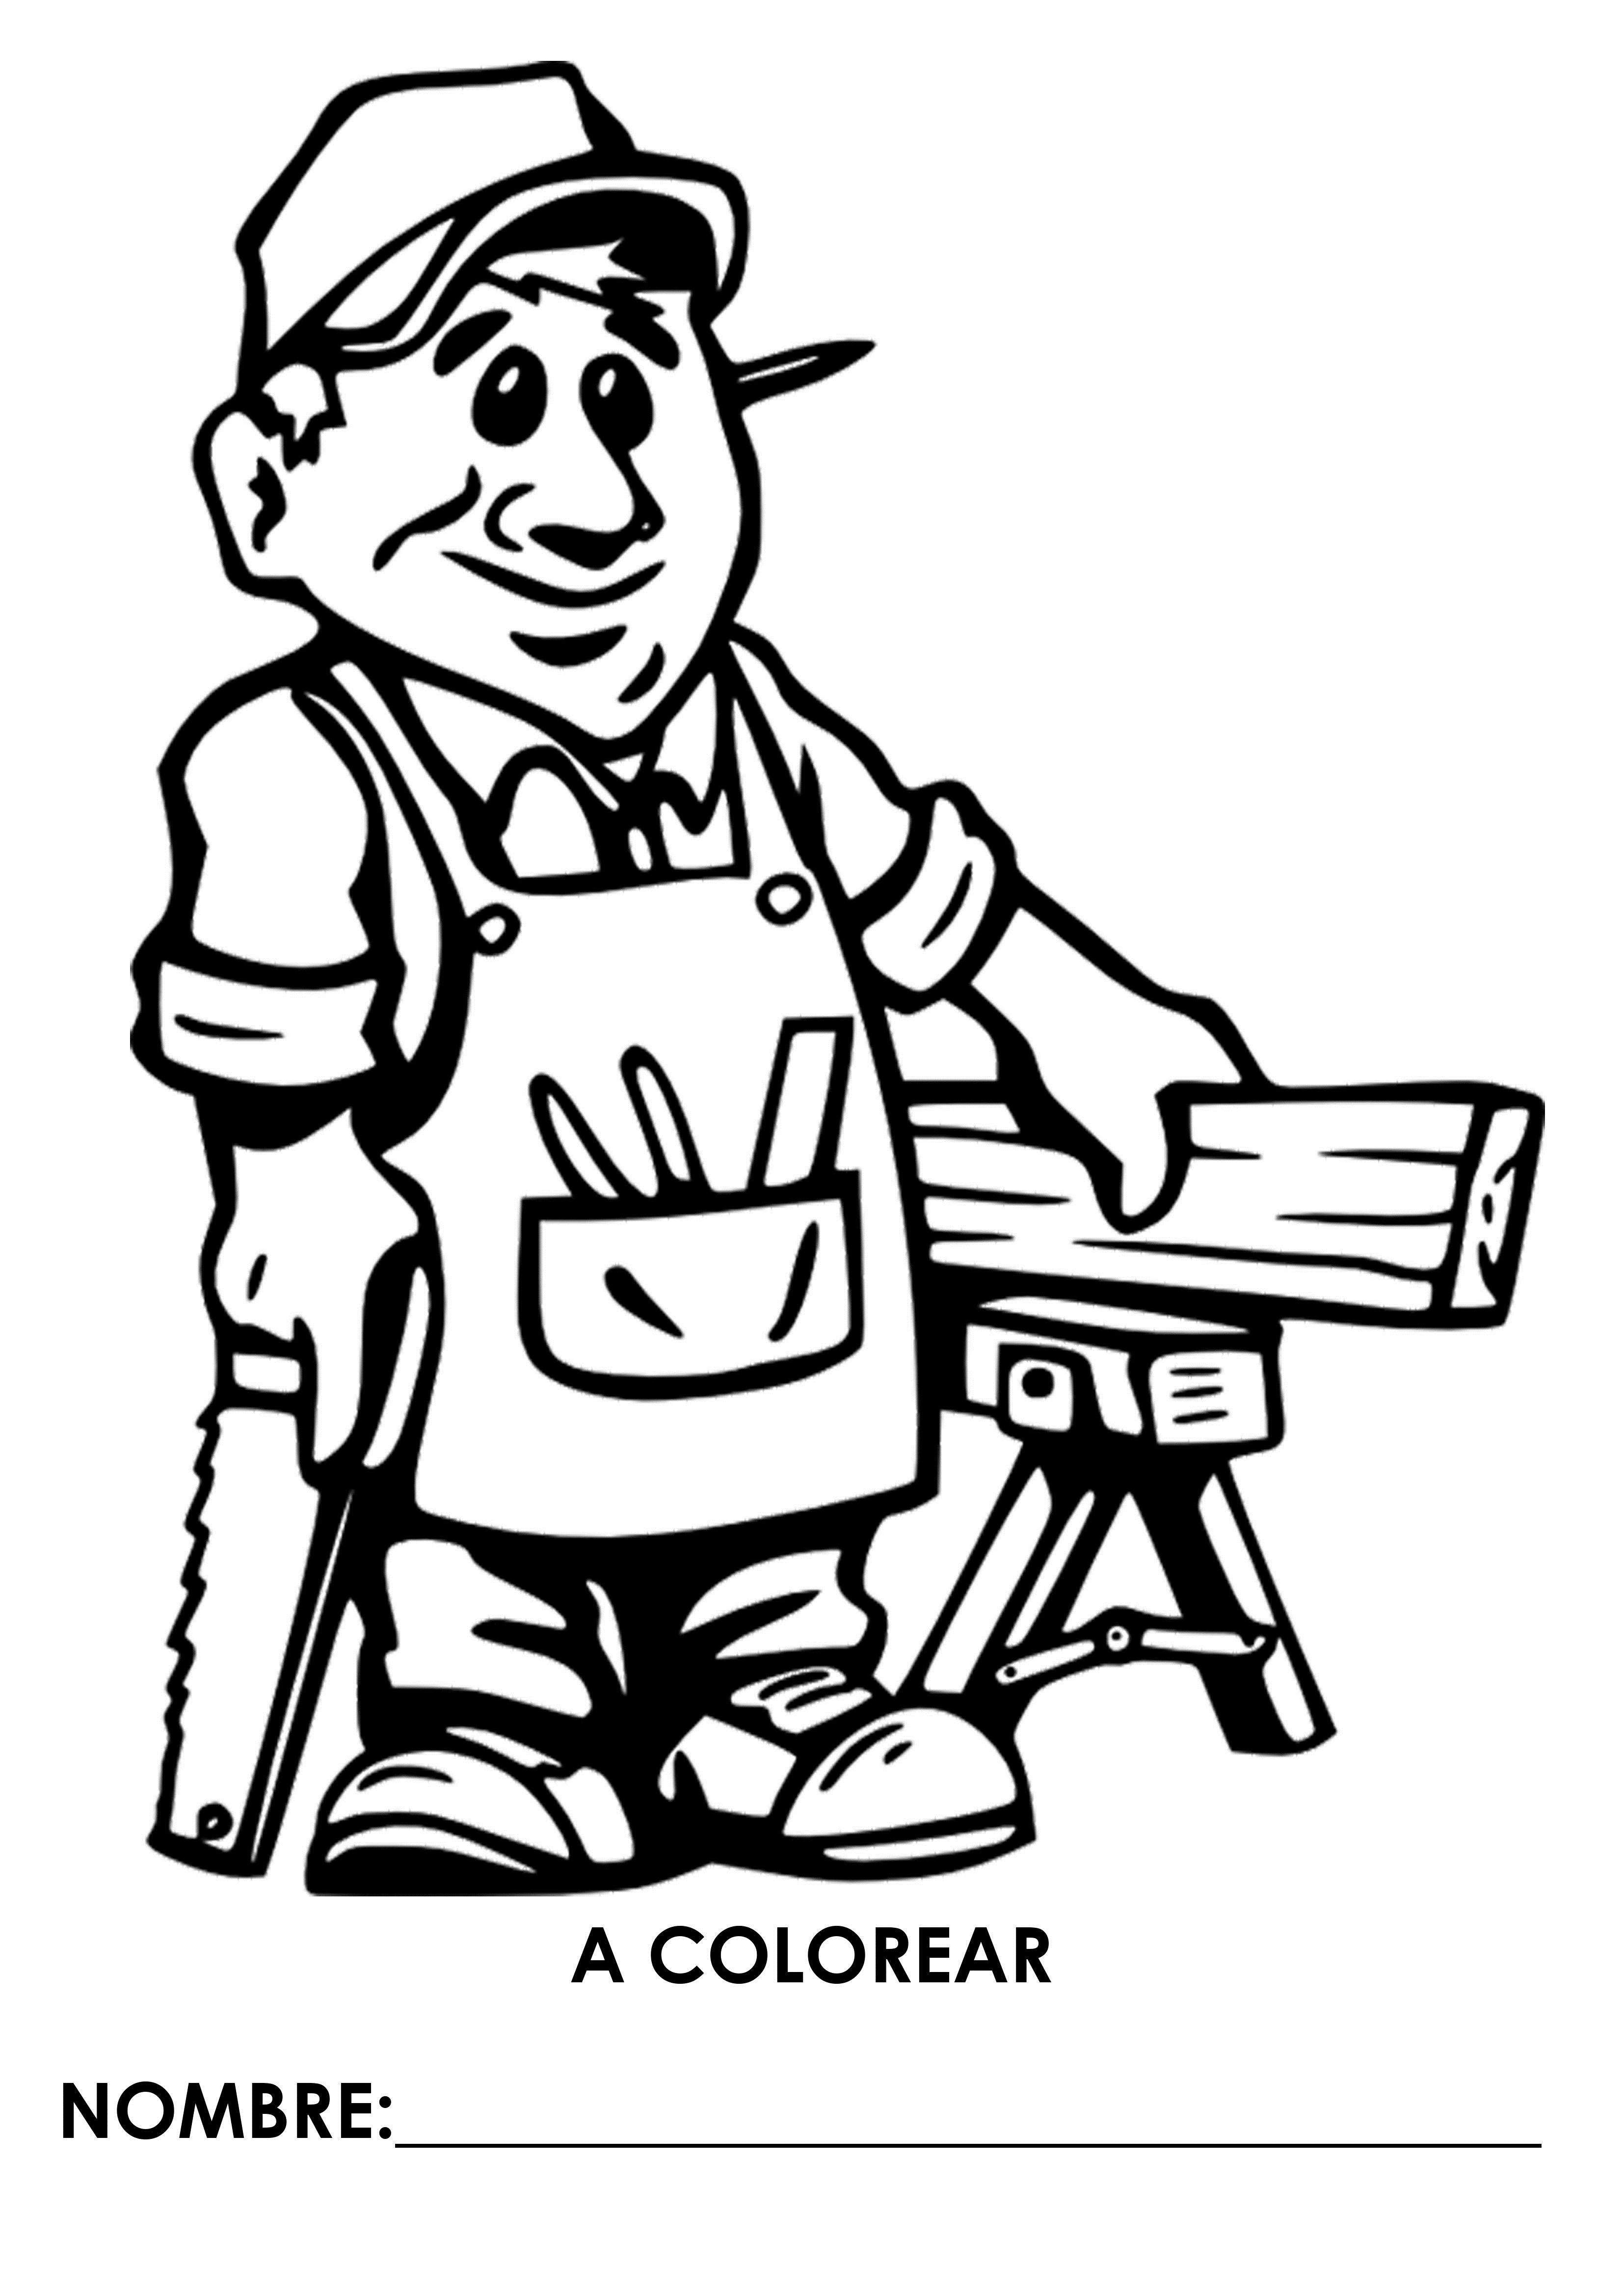 Fichas De Profesiones Y Oficios Para Que Los Niños Pinten